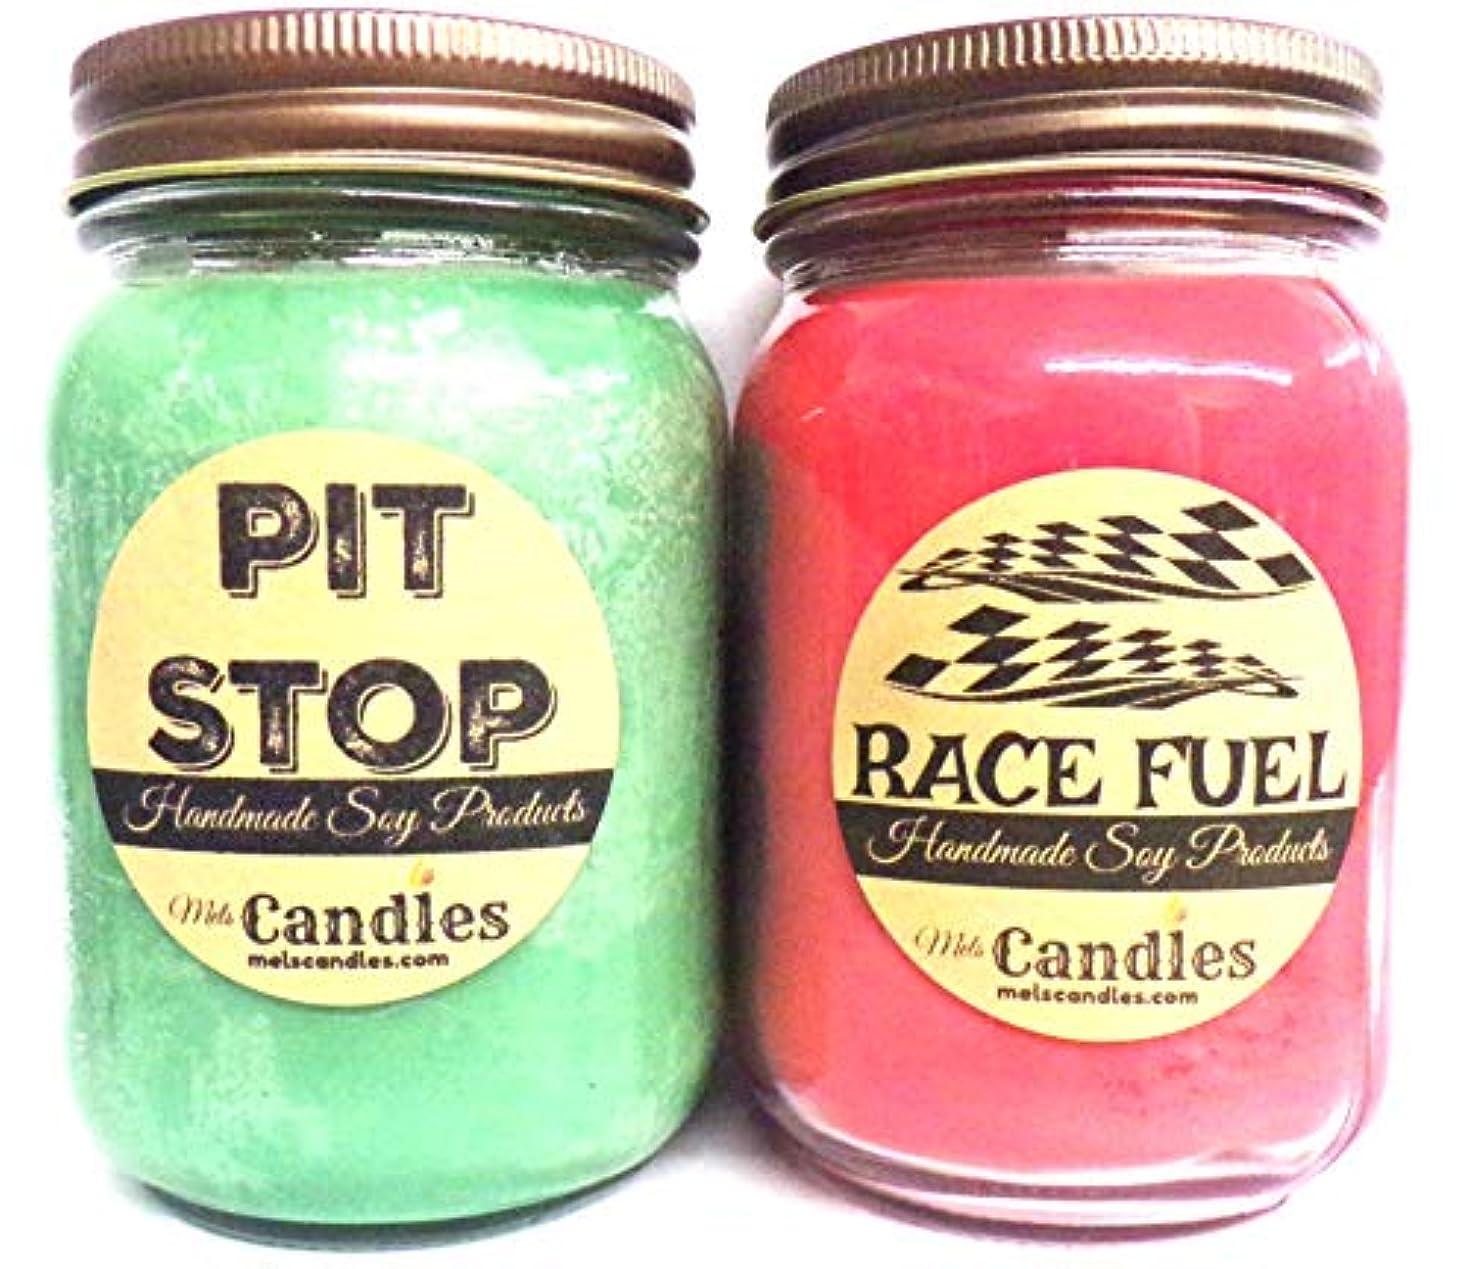 締め切りミュージカル俳句コンボ – Pit Stop & Race燃料のセット2つ16oz国Jar大豆キャンドルGreat Unique Scents for Men